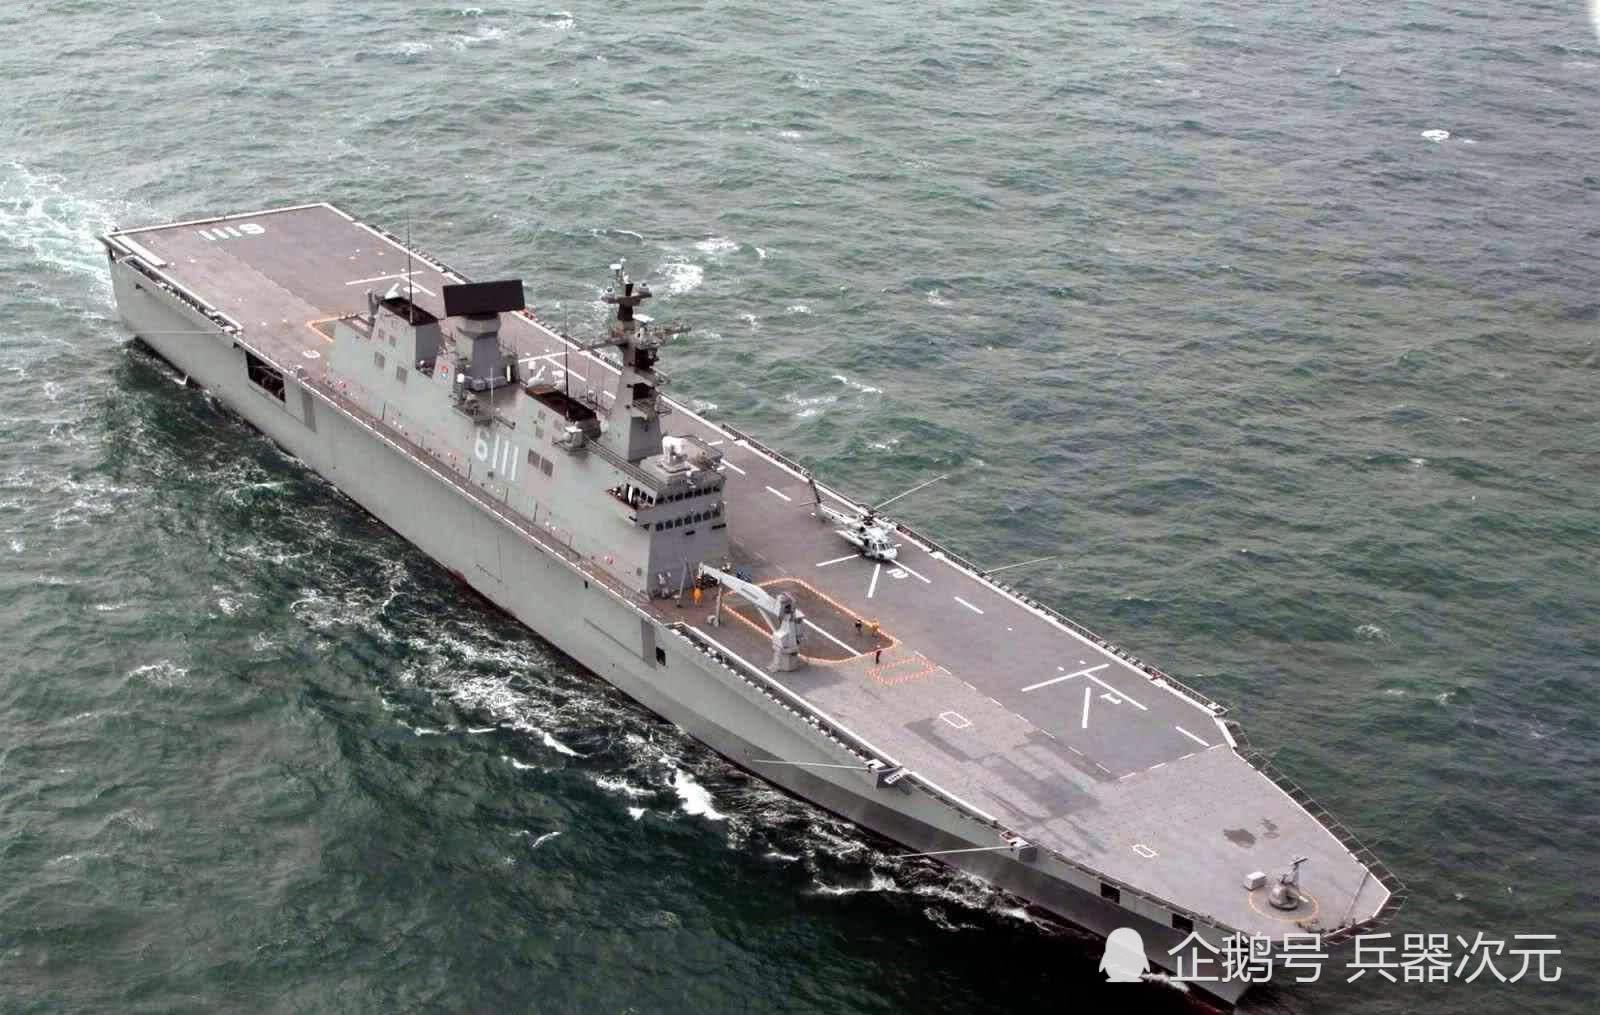 亚洲小国要造航母,排水量仅为辽宁号一半,战斗力却毫不逊色